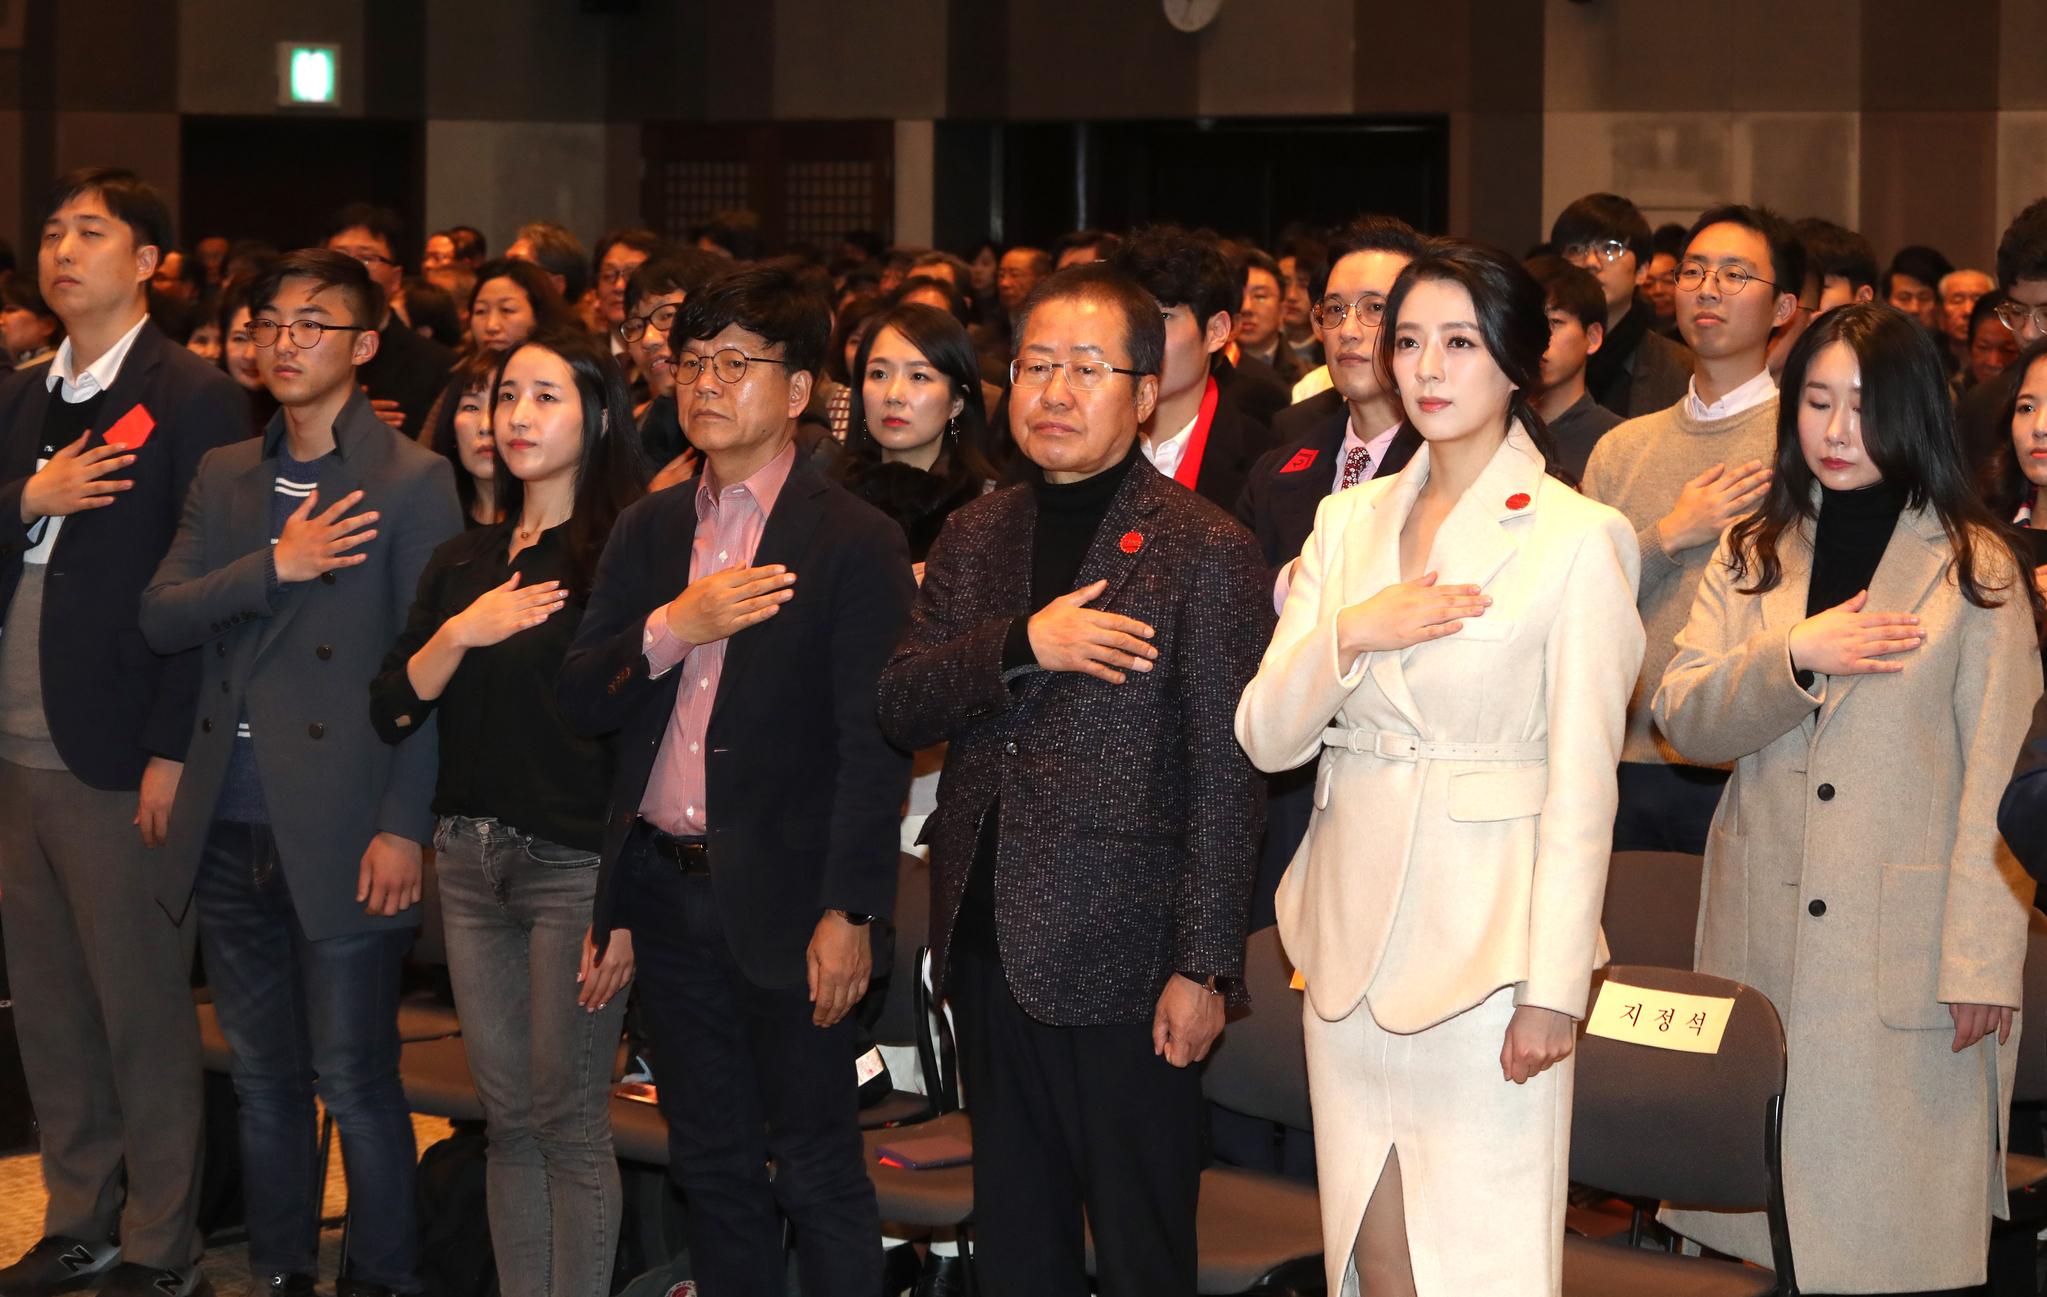 홍준표 전 자유한국당 대표가 26일 서울 프레스센터에서 열린 '프리덤코리아 쇼 창립식 & 토크쇼'에서 국민의례를 하고 있다. [연합뉴스]